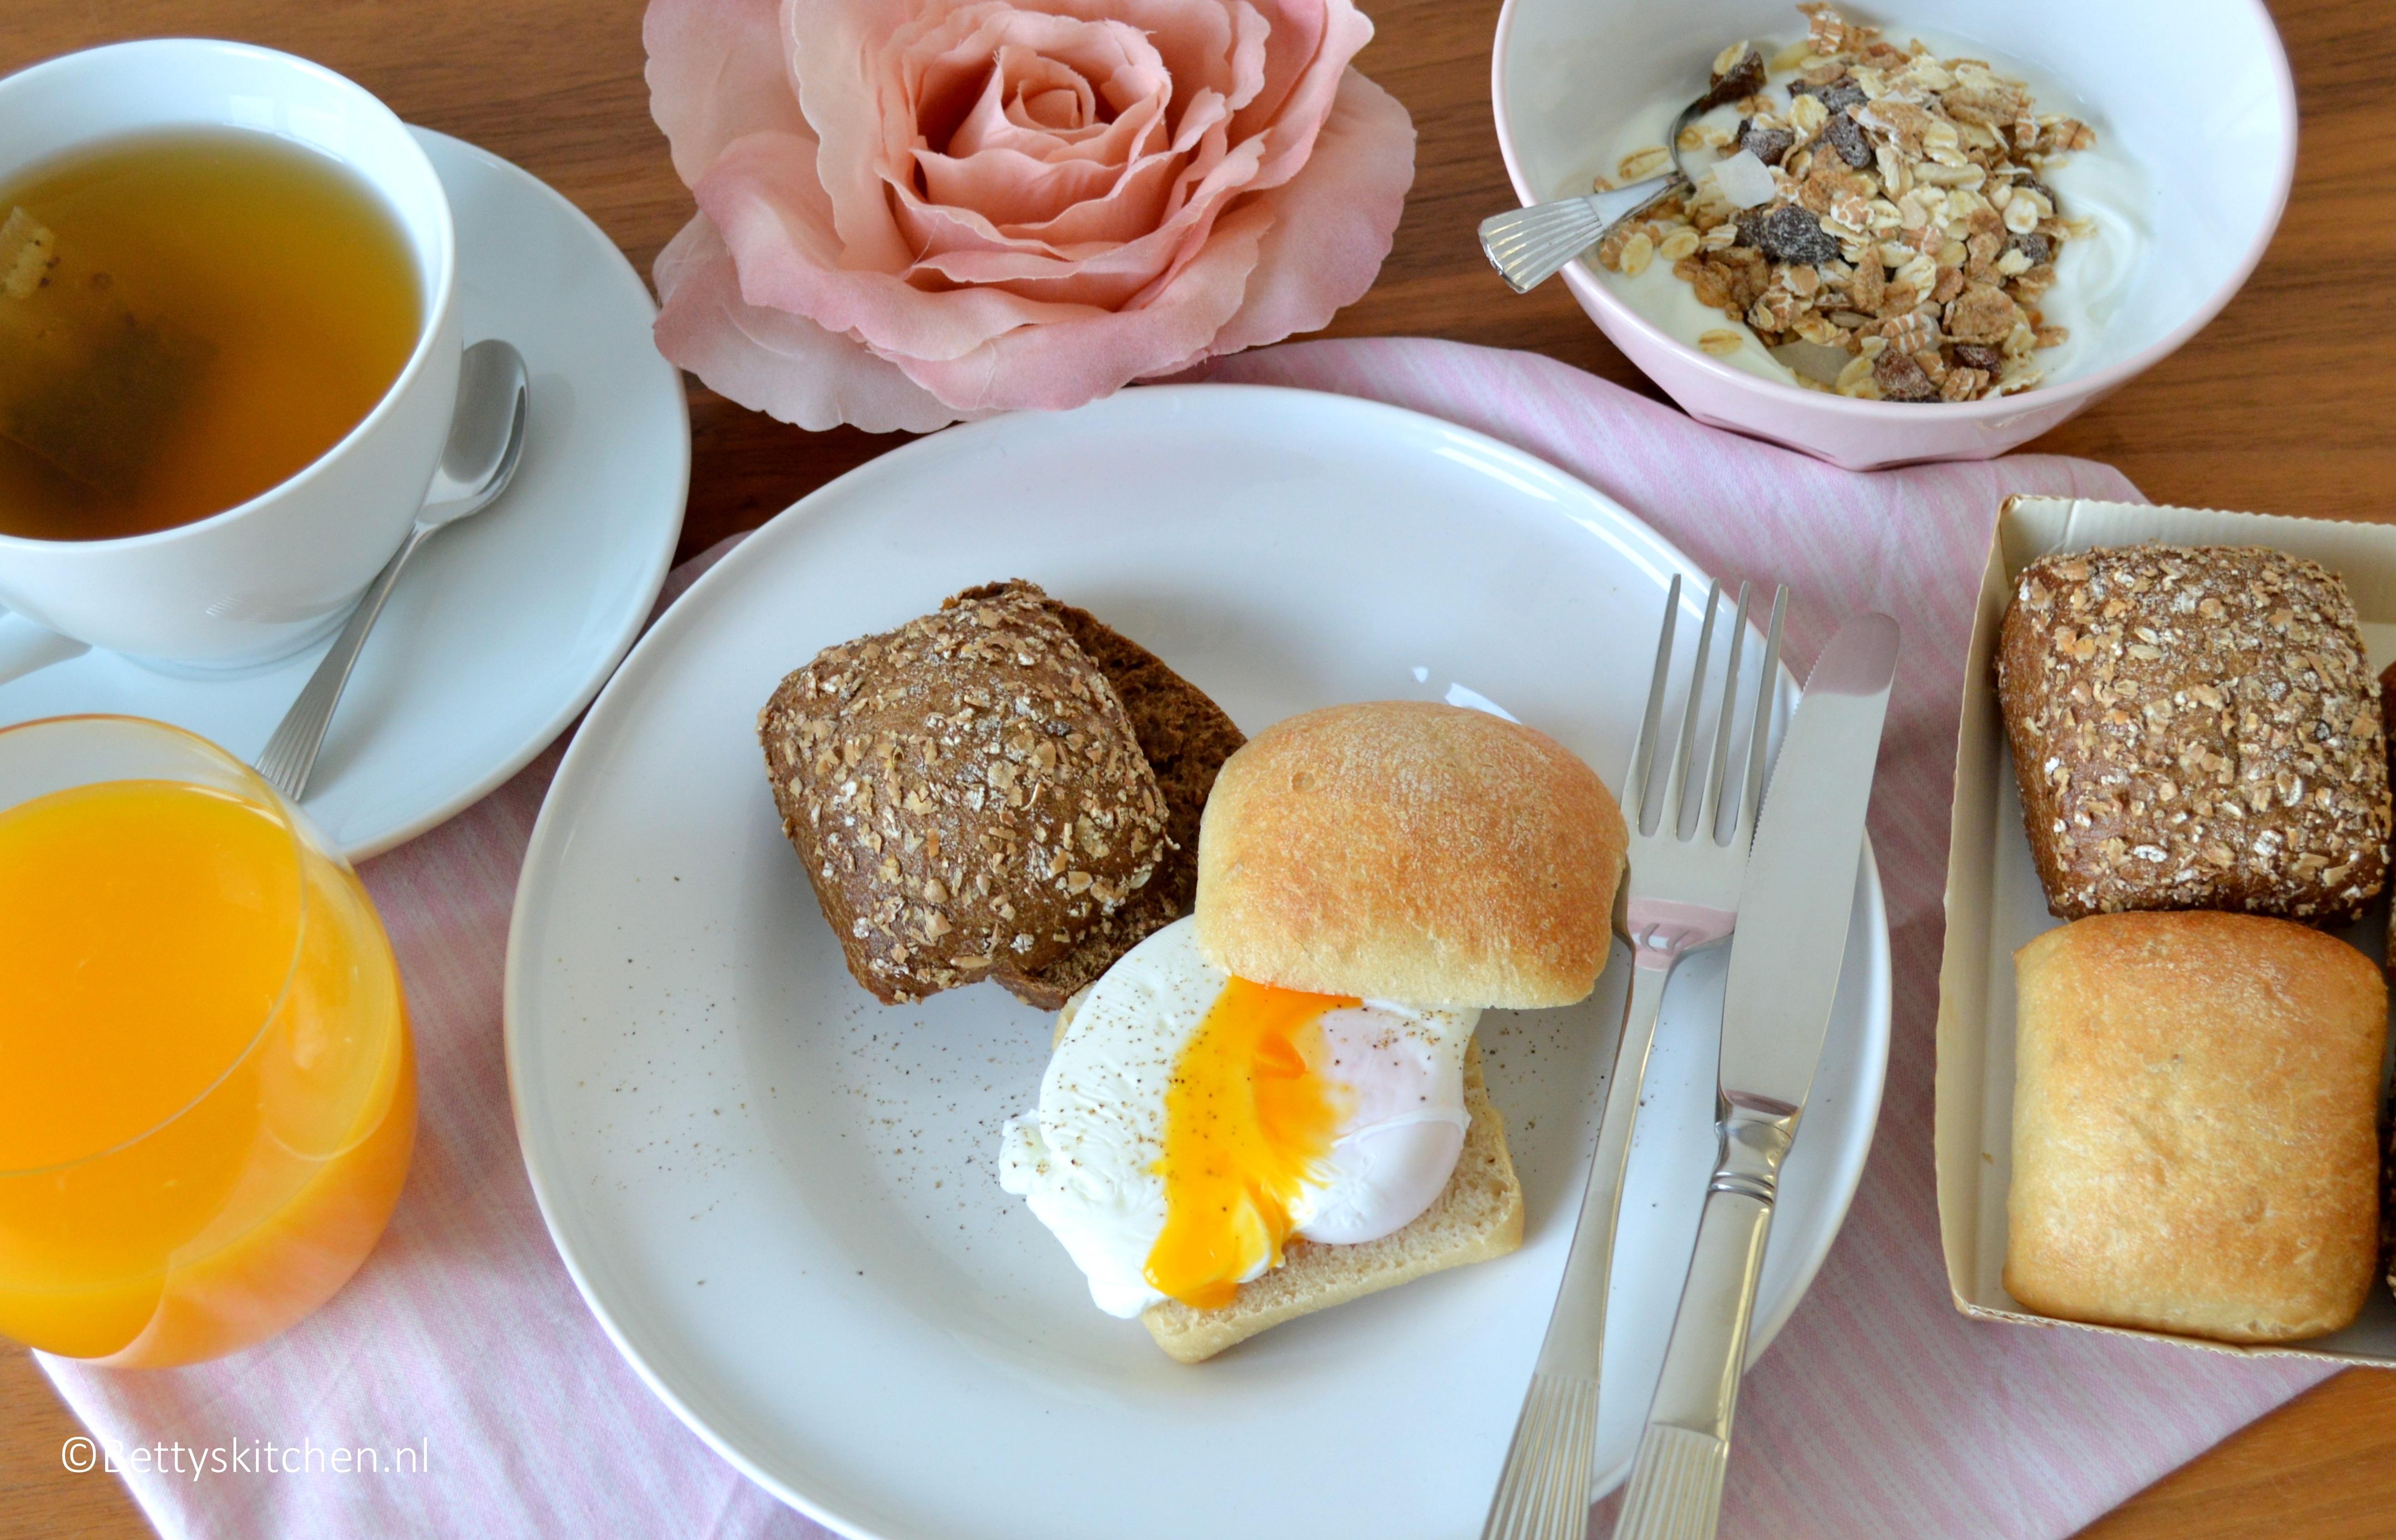 Valentijns ontbijtje met een gepocheerd eitje  <3